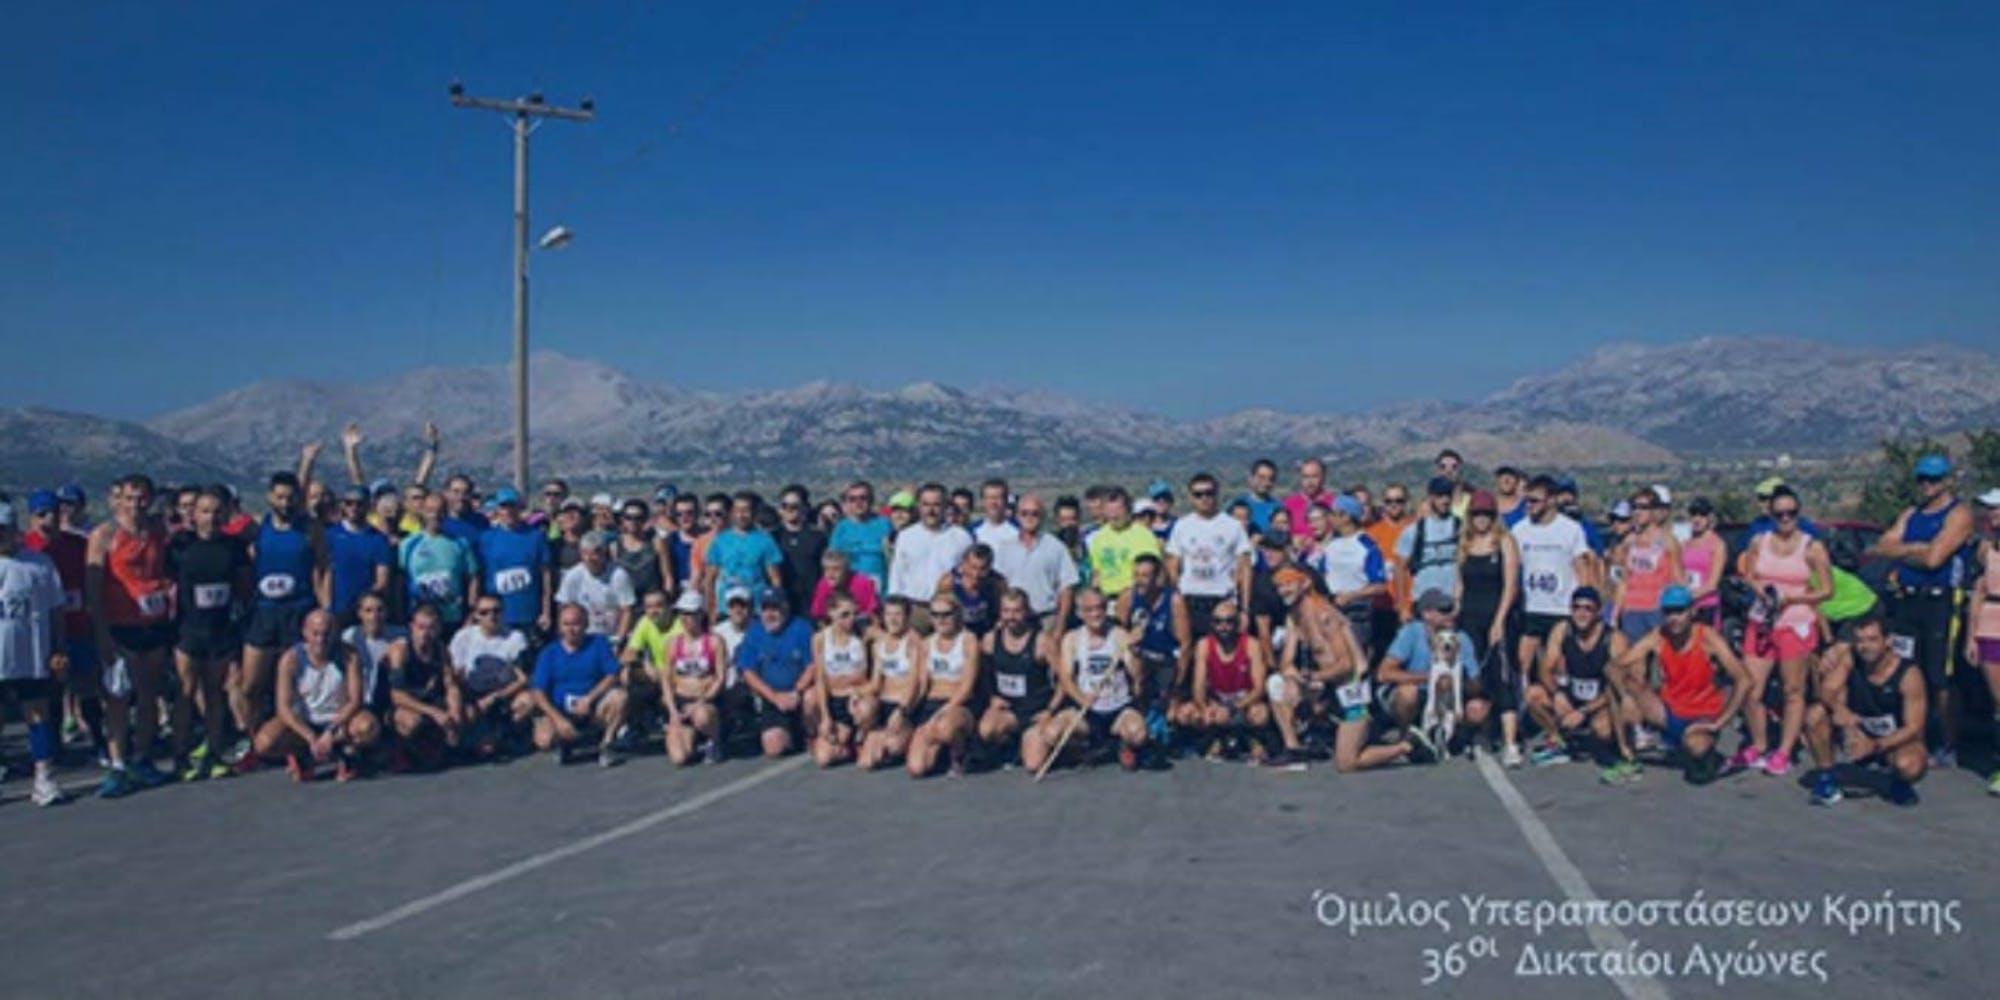 40οι Δικταίοι Αγώνες – Προτεινόμενα περάσματα και εκτιμήσεις για τους νικητές από τον Στέφανο Αντωνάκη